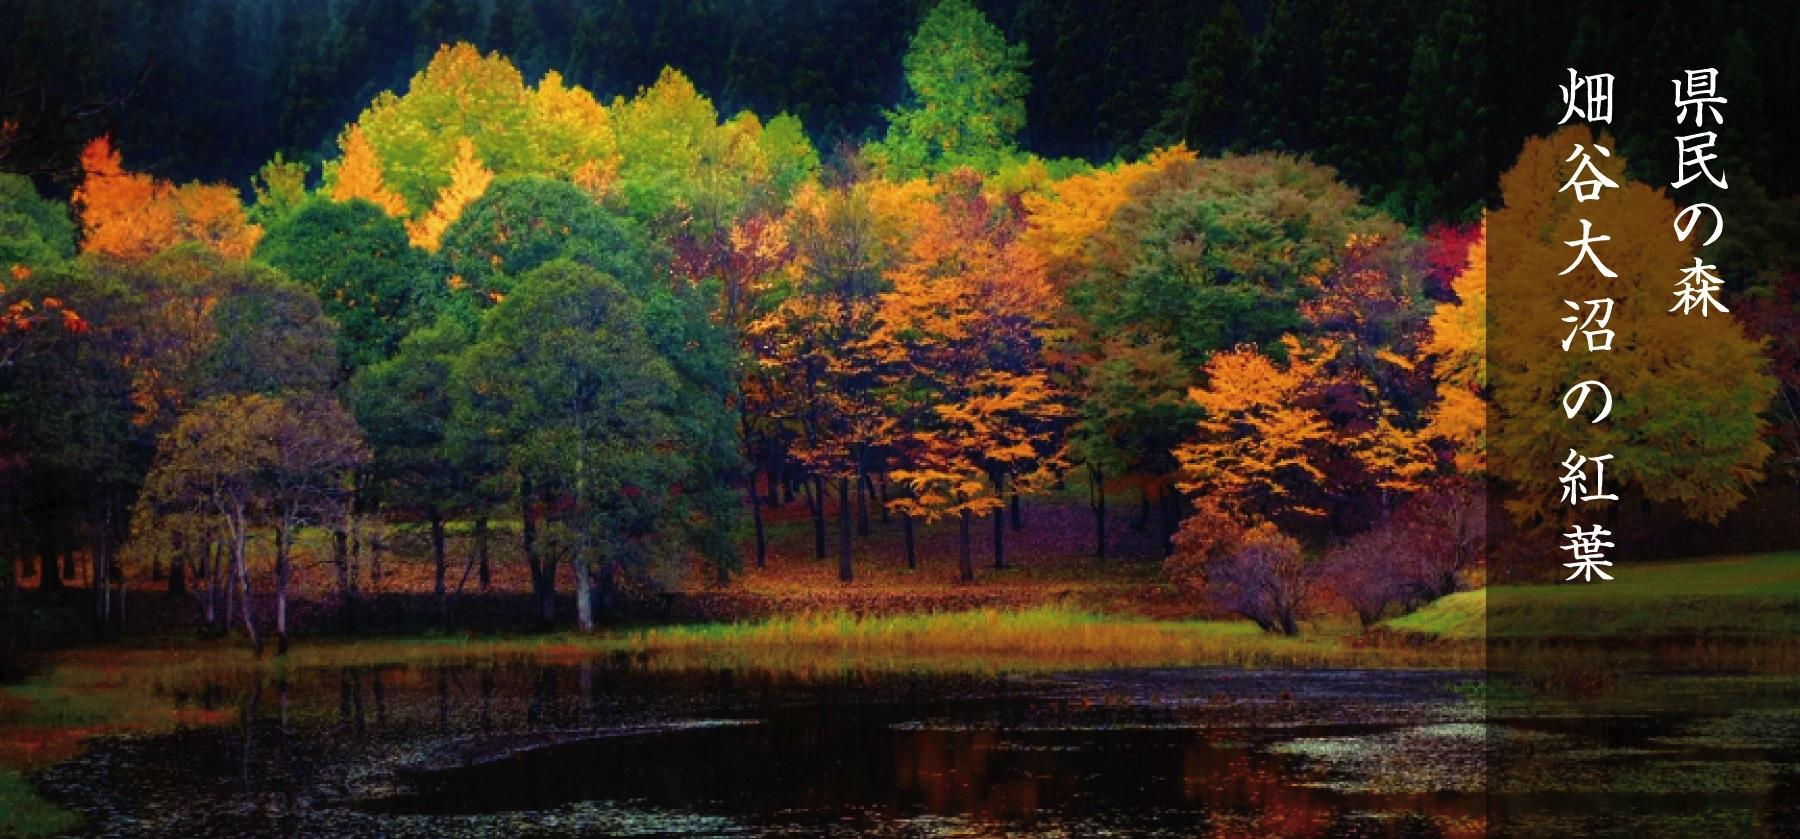 県民の森・畑谷大沼の紅葉